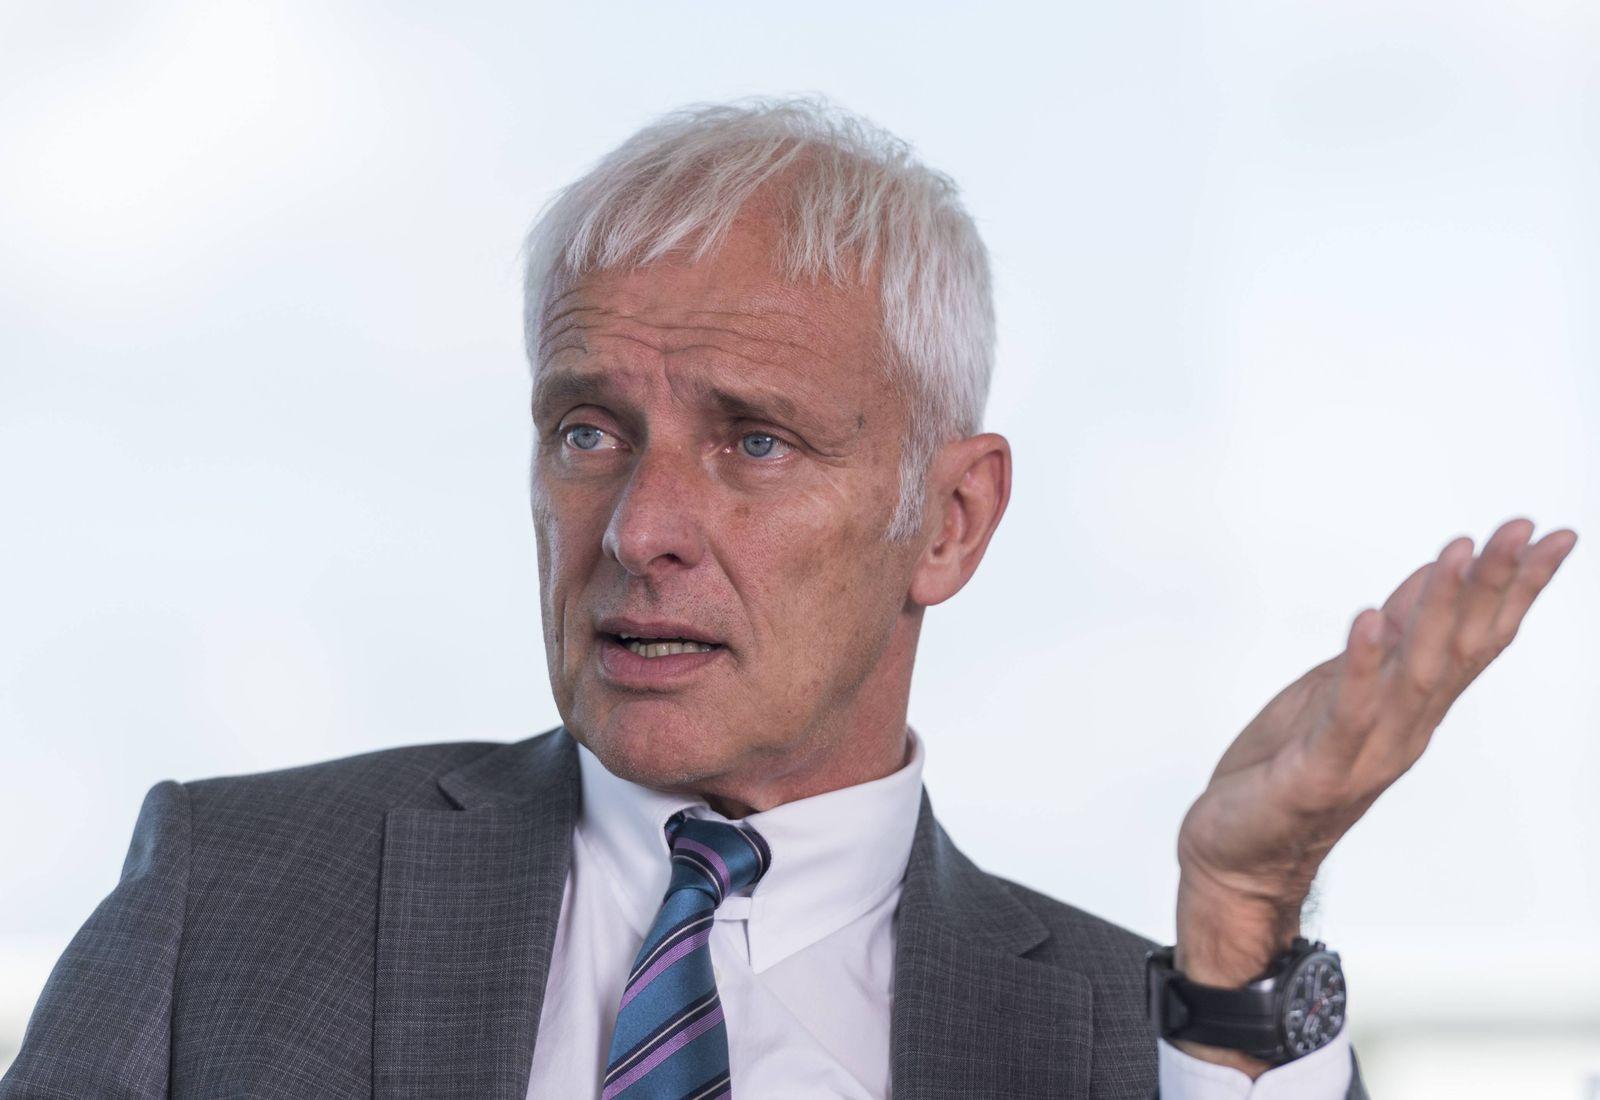 Volkswagen Konzernchef Matthias Müller aufgenommen am Montag 03 07 2017 während eines Interviews